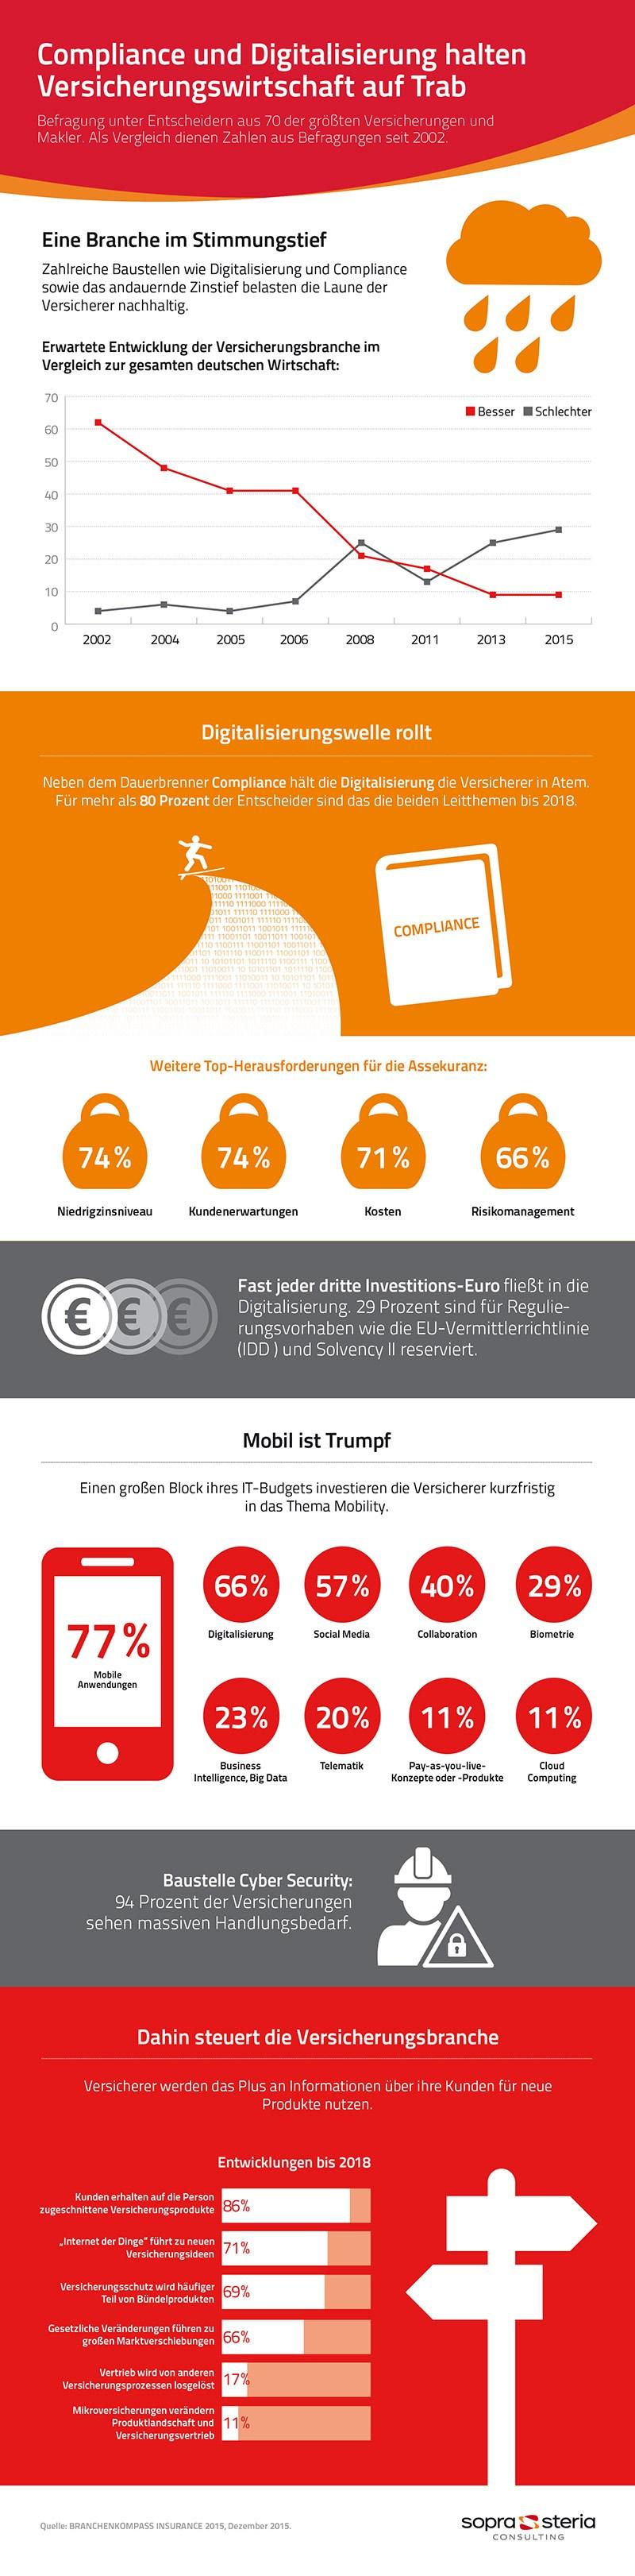 infografik sopra steria versicherungswirtschaft